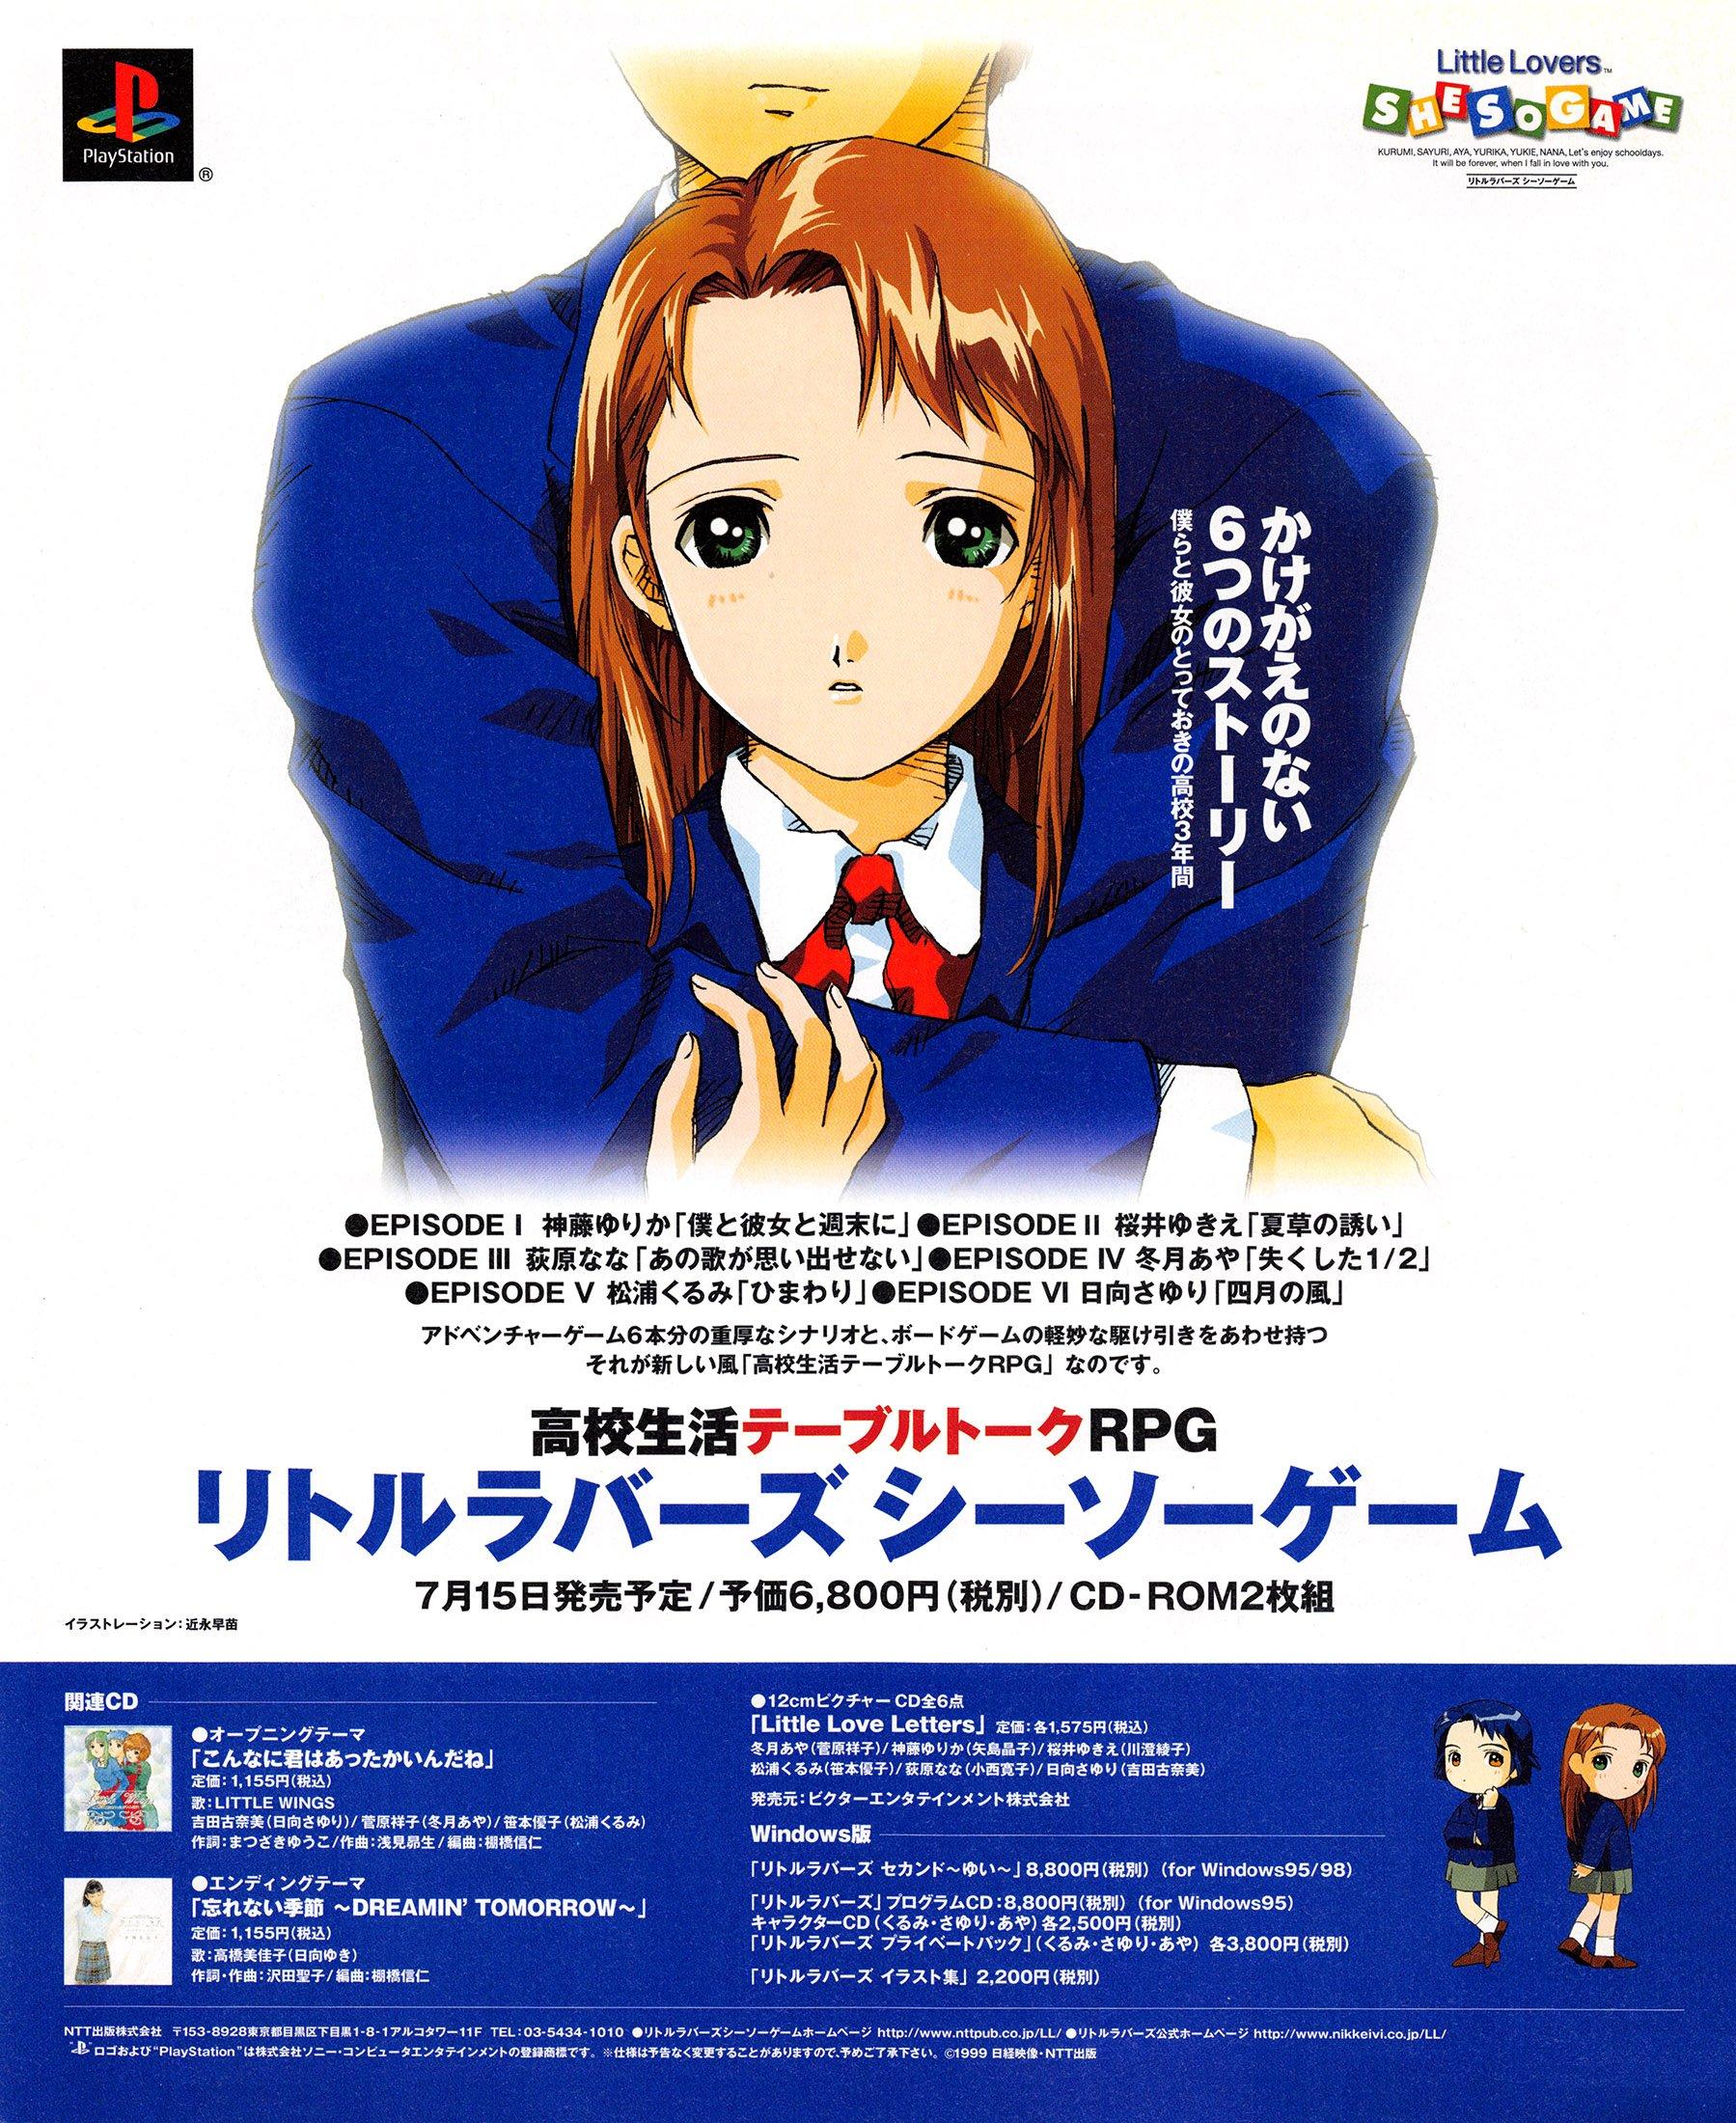 Little Lovers: She So Game (Japan)